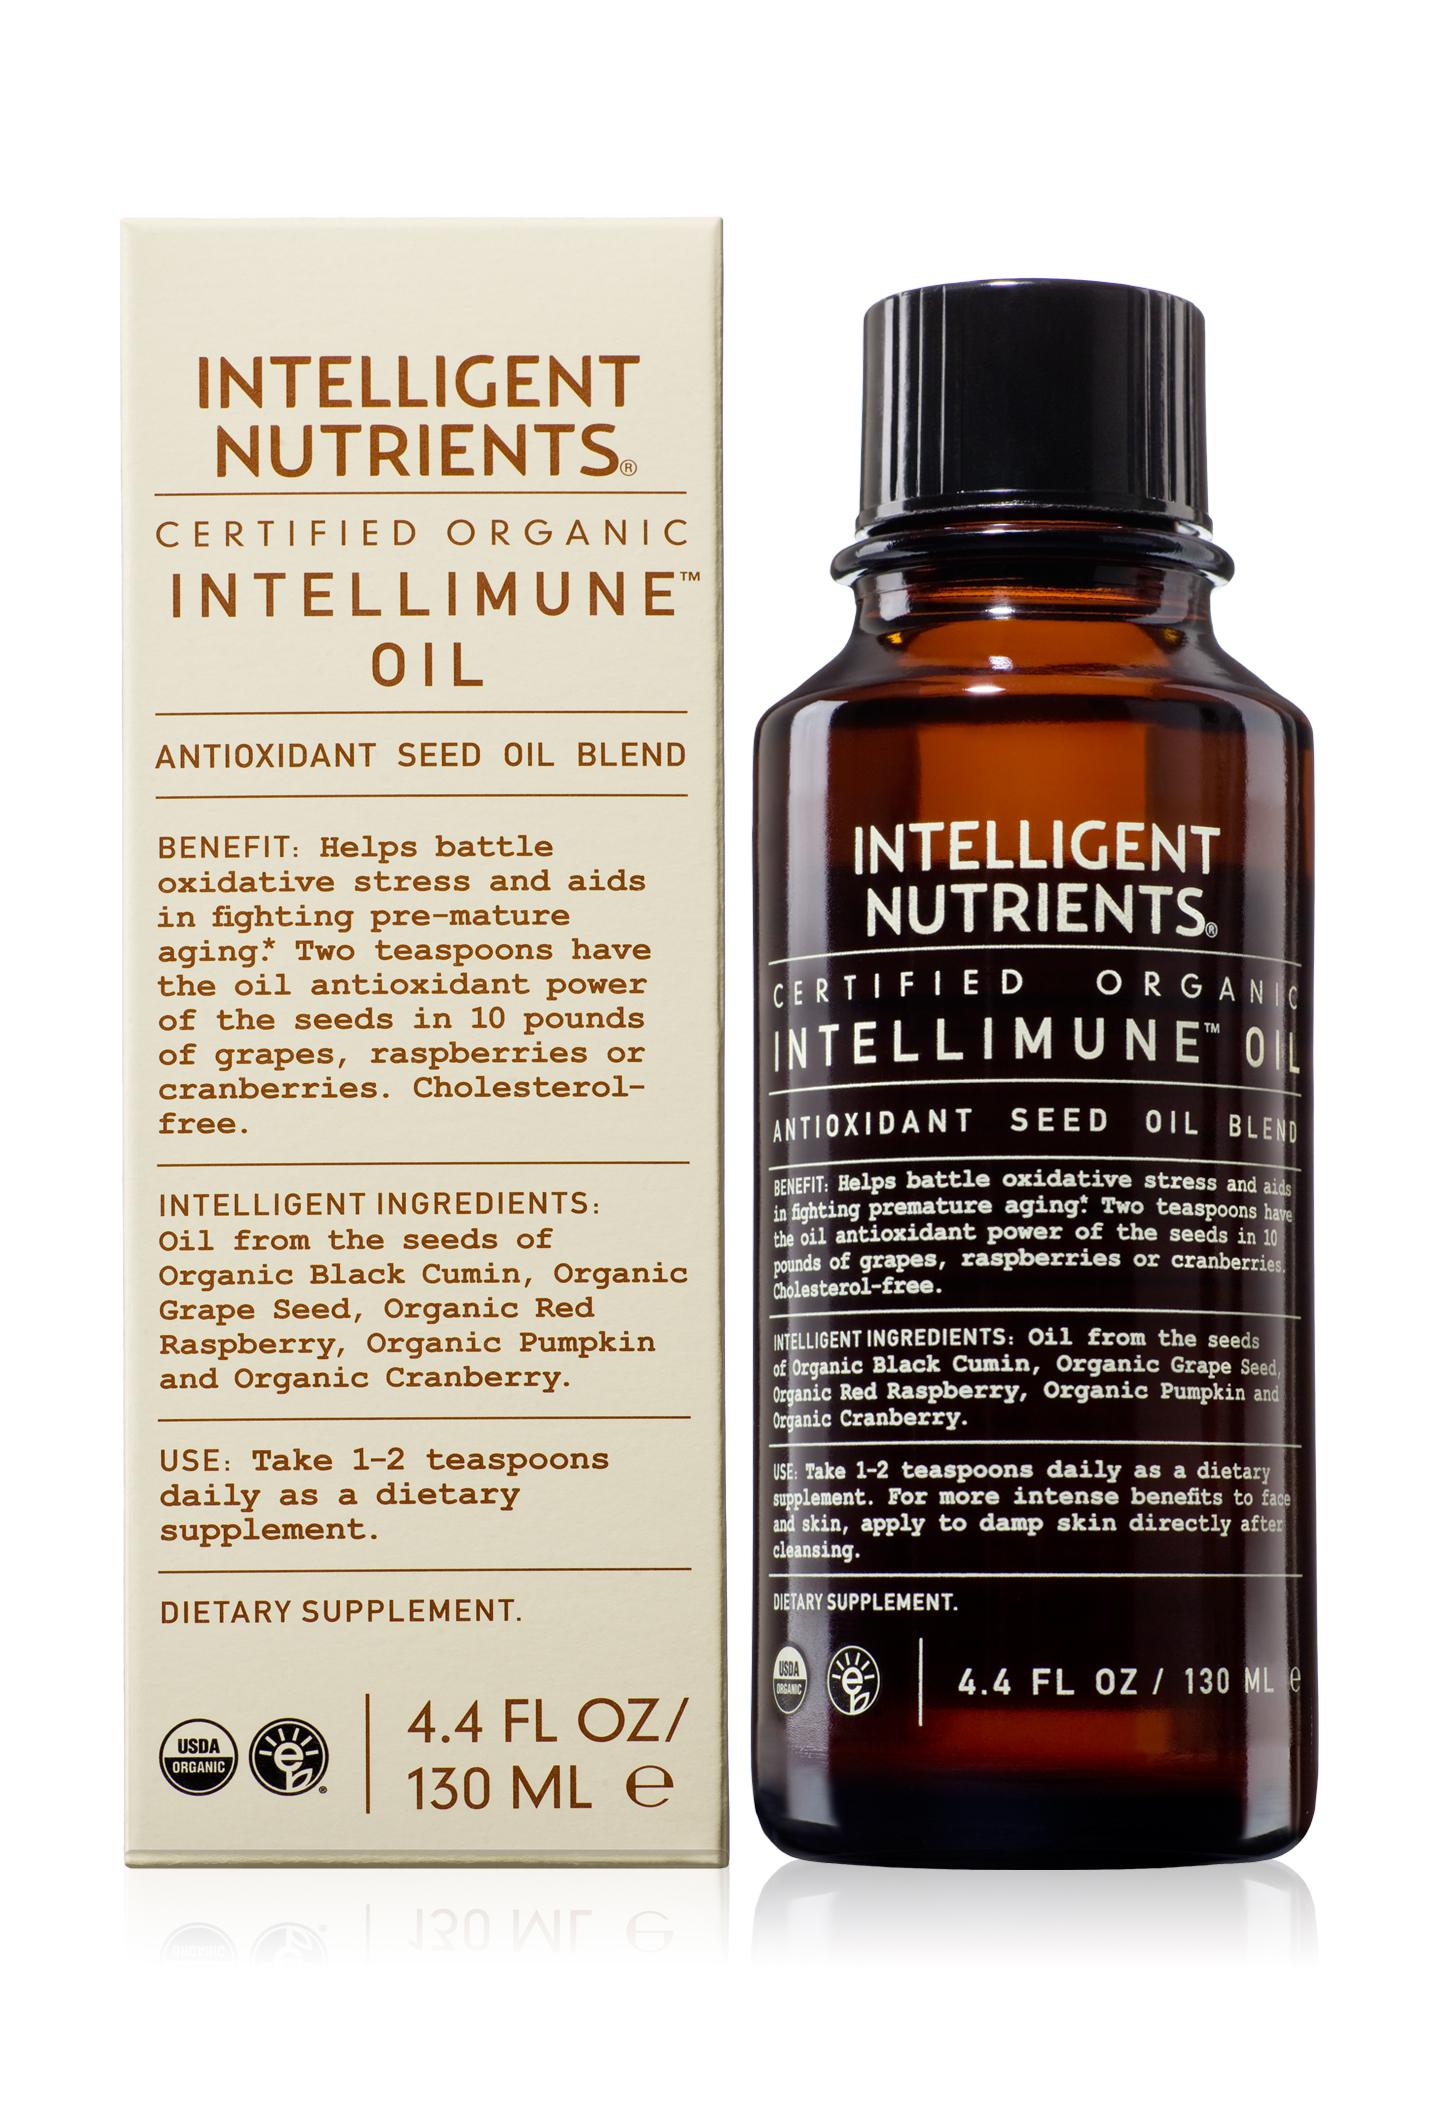 Intellimune™ Oil (DKK520/130ml)